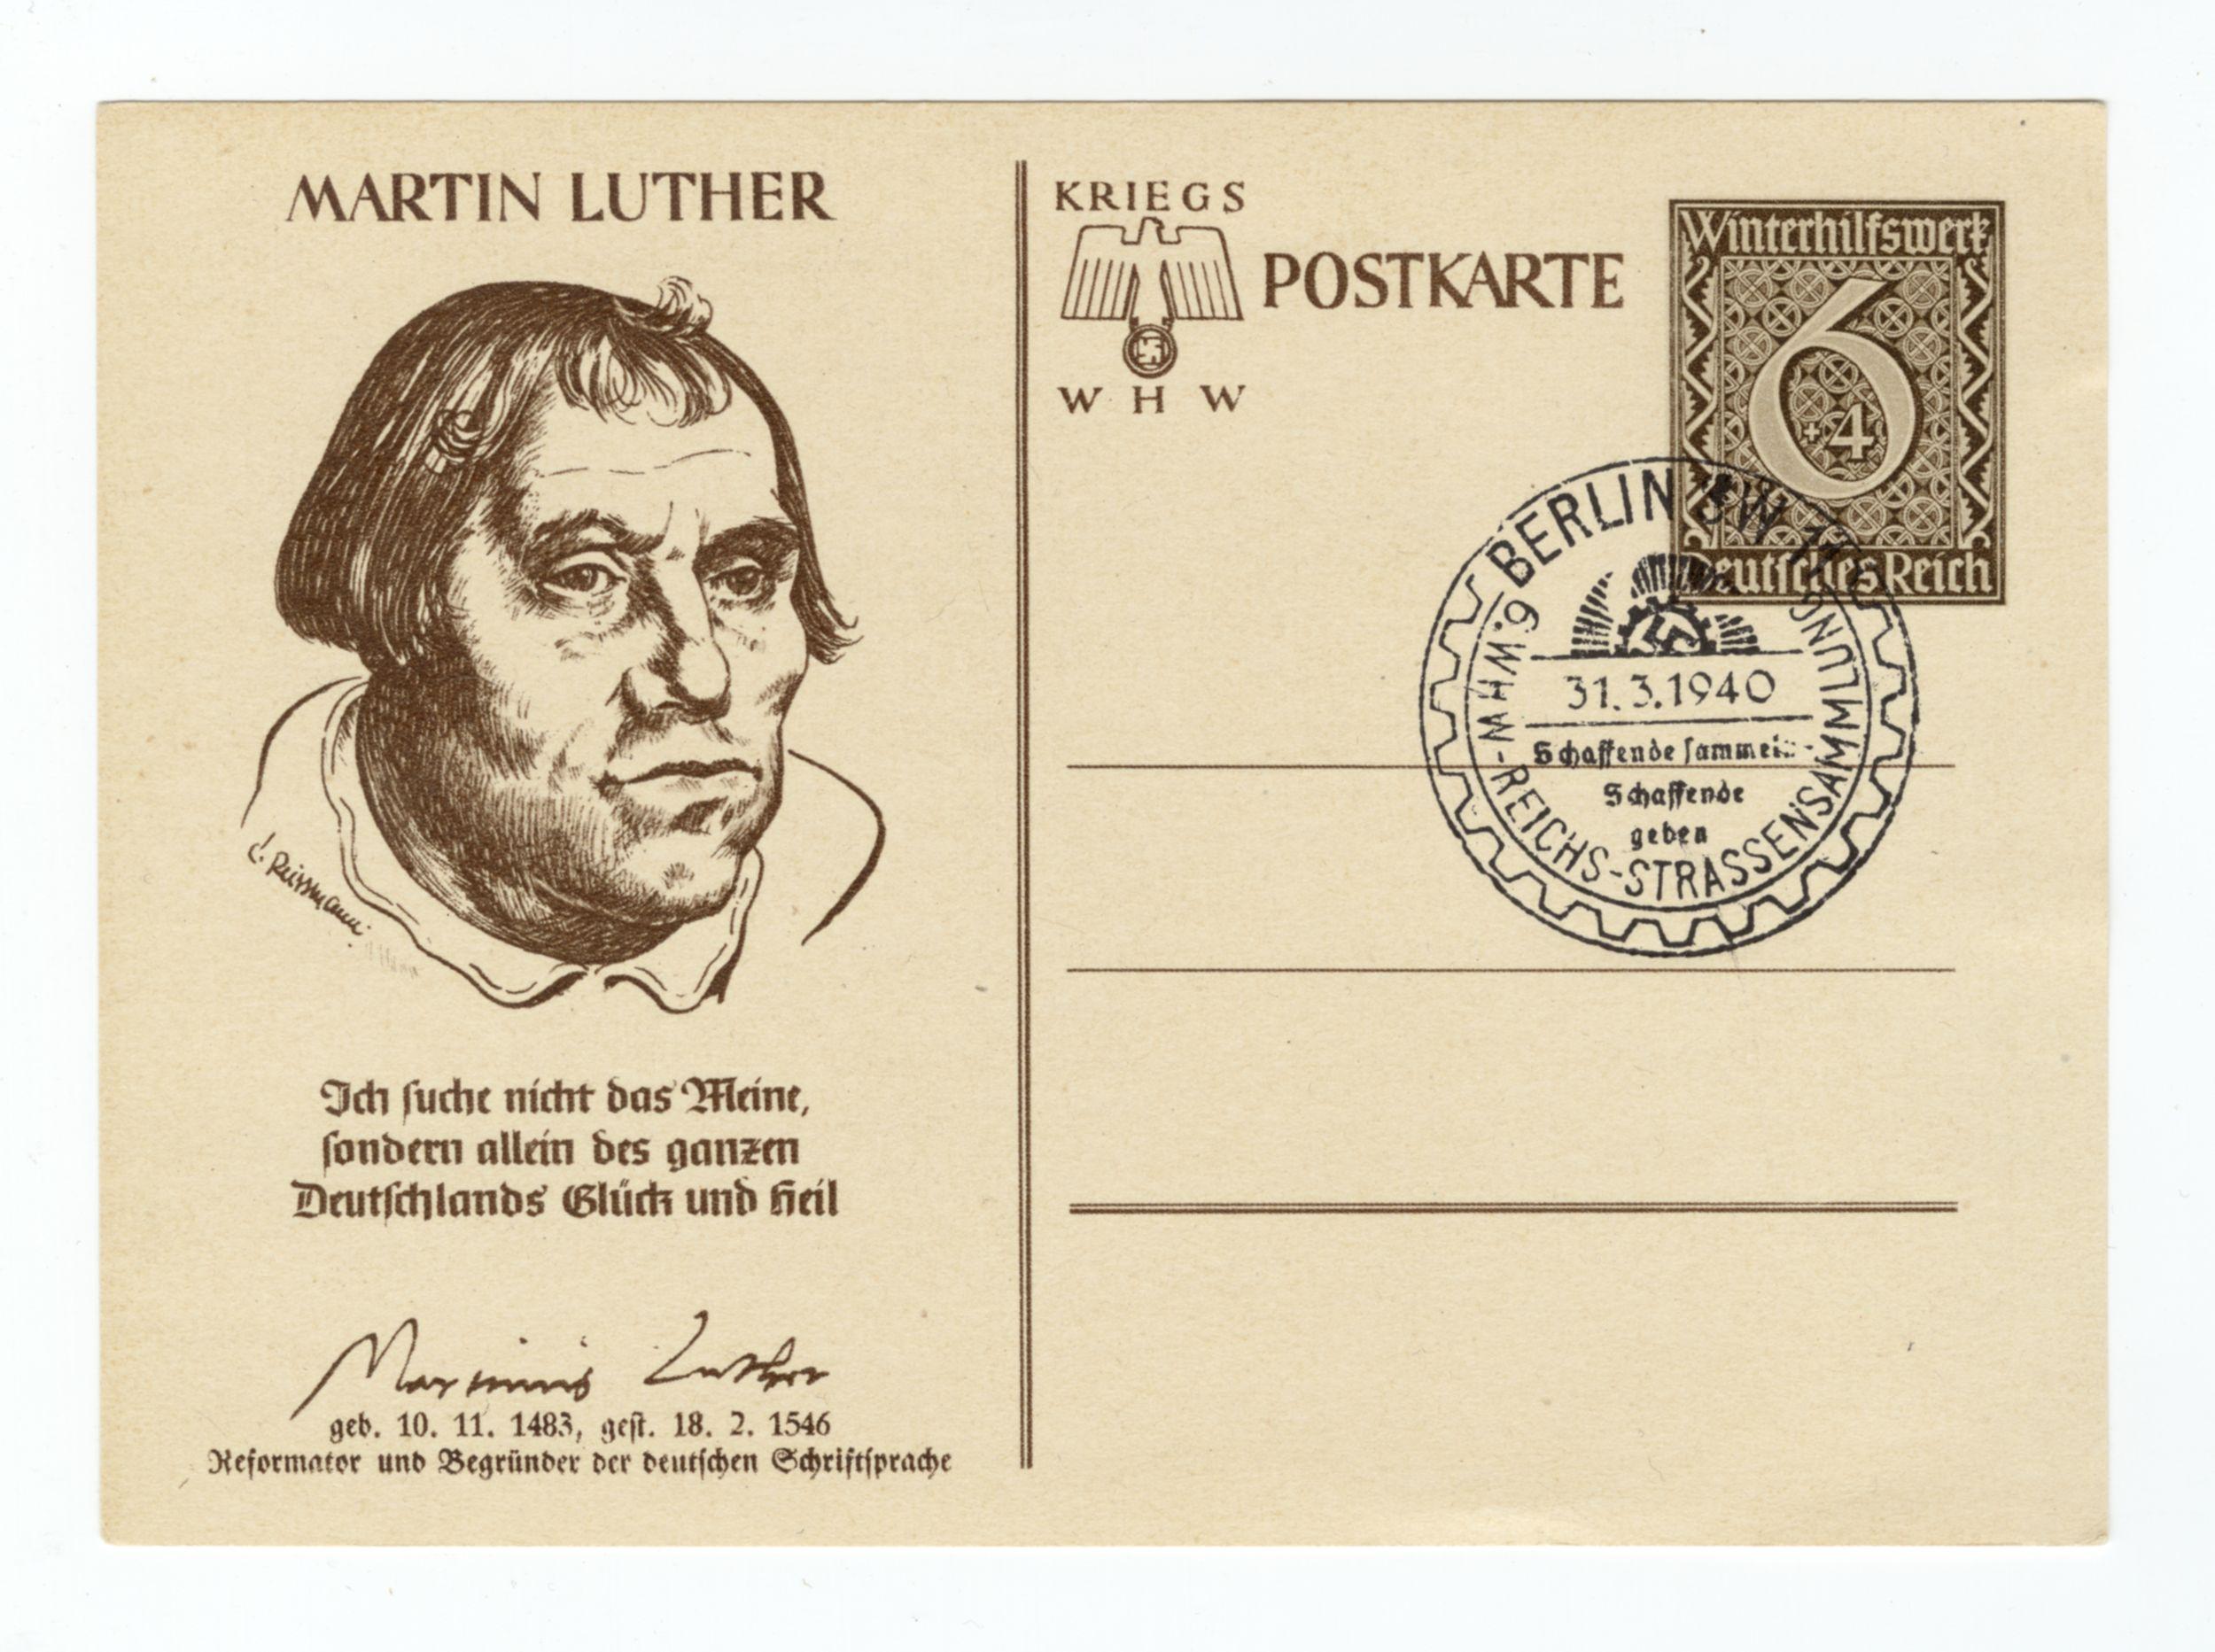 Kriegspostkarte mit Luther-Zitat und einem Luther-Portrait von C. Reissmann, Poststempel vom 31. März 1940